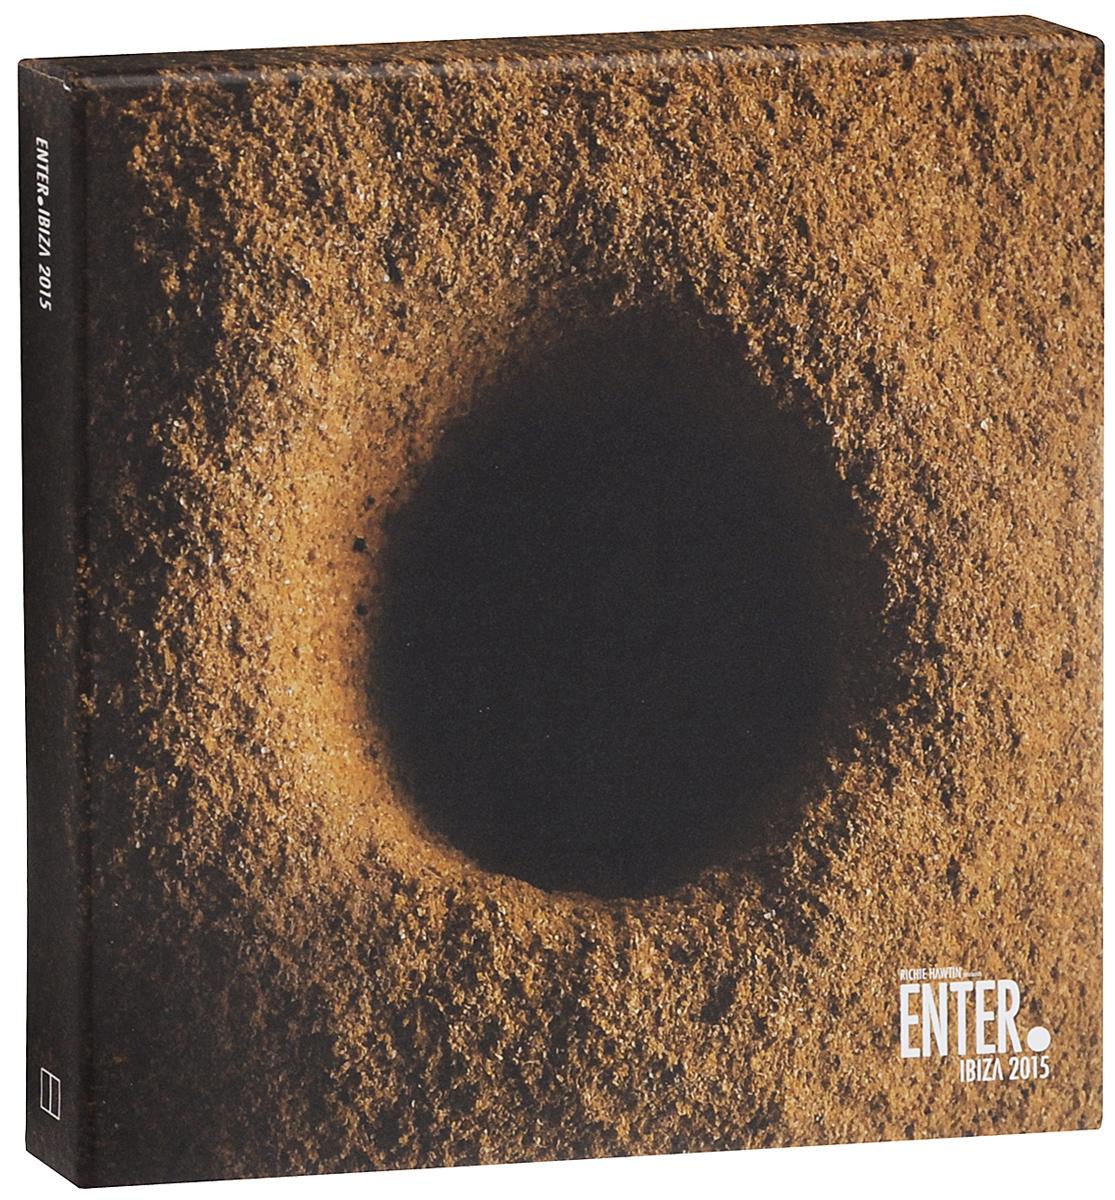 Enter. Ibiza 2015 (4 CD)